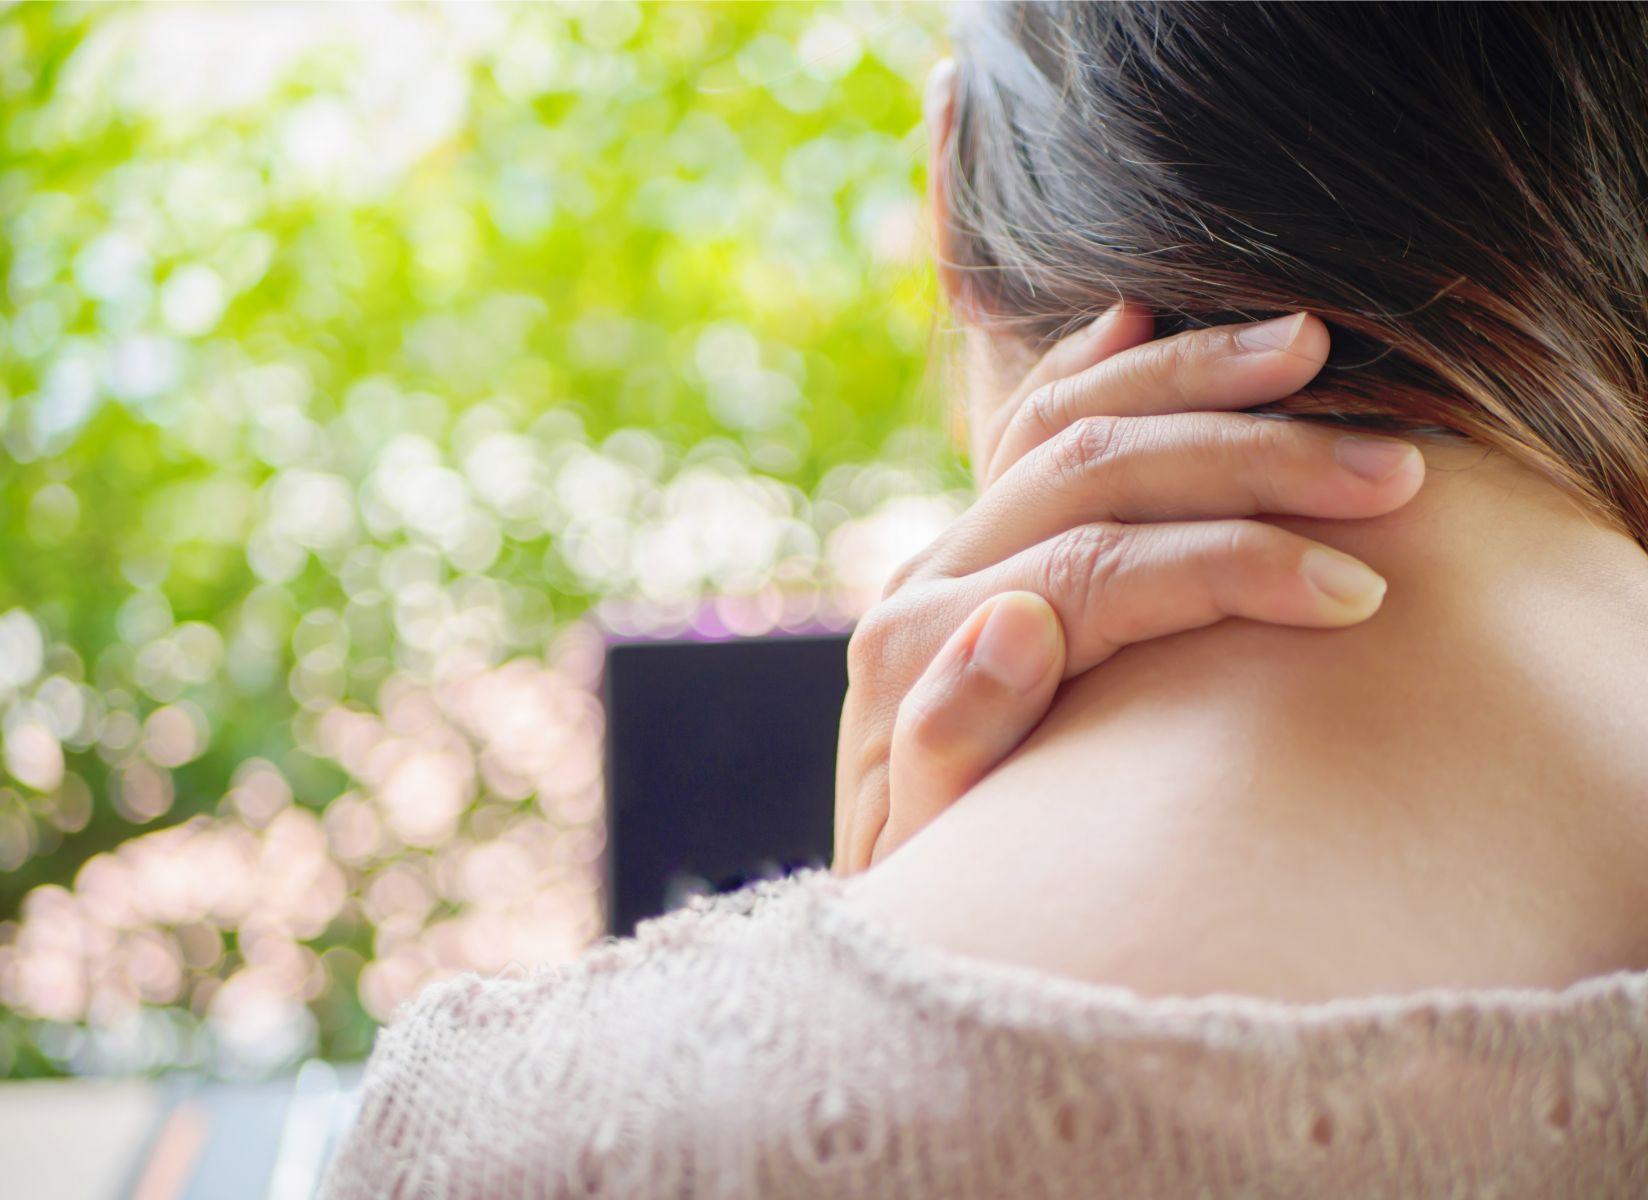 脖子痛是中風、腦膜炎前兆?醫師:若有發燒、無力、吃止痛藥無效...6種狀況,最好就早點檢查